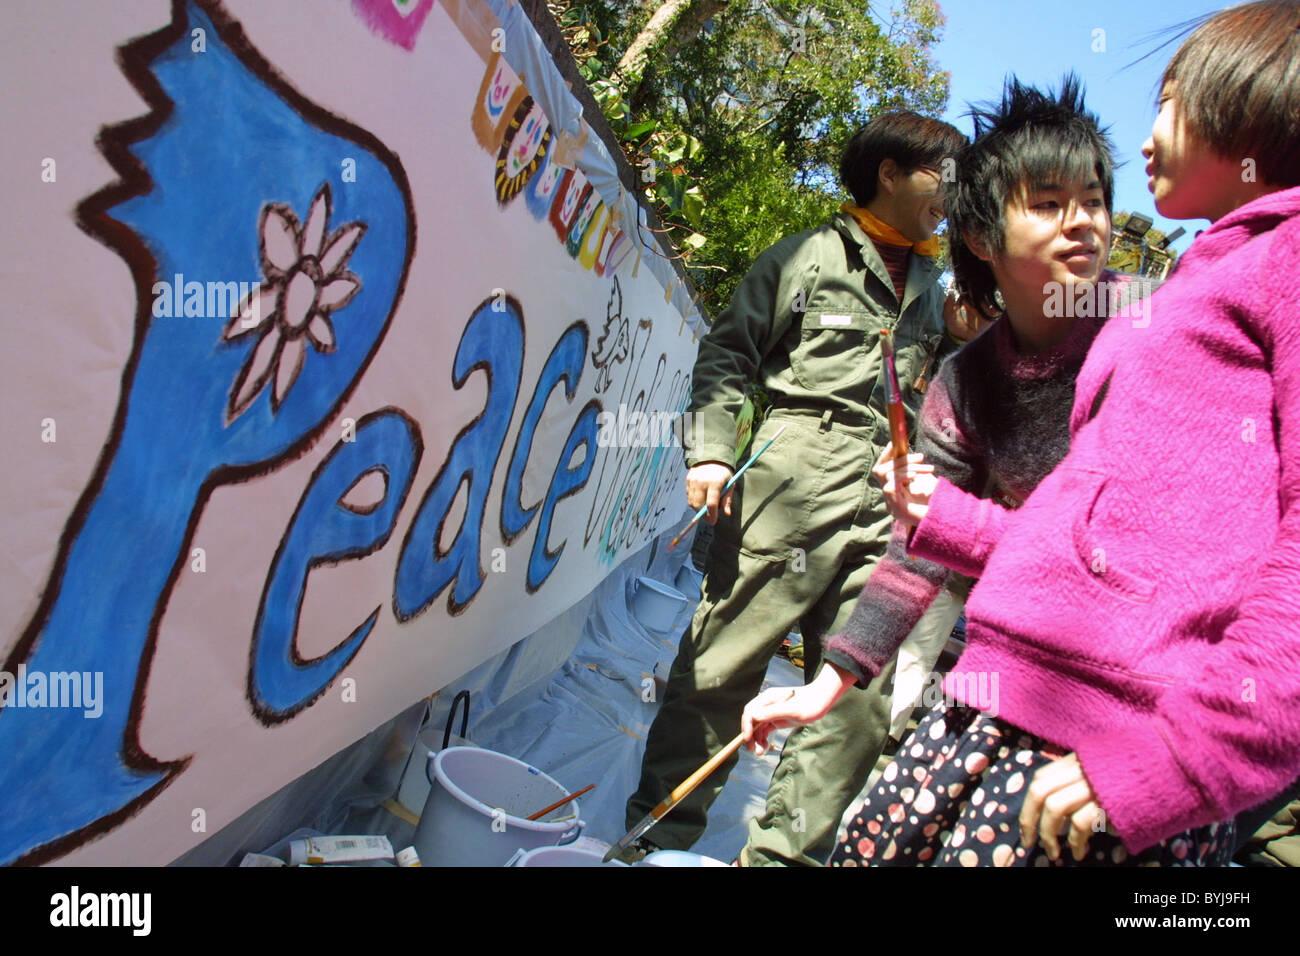 Nessuna guerra e Anti-Iraq dimostrazione di guerra e di pace di protesta, a Tokyo in Giappone il 8 marzo 2003 Immagini Stock